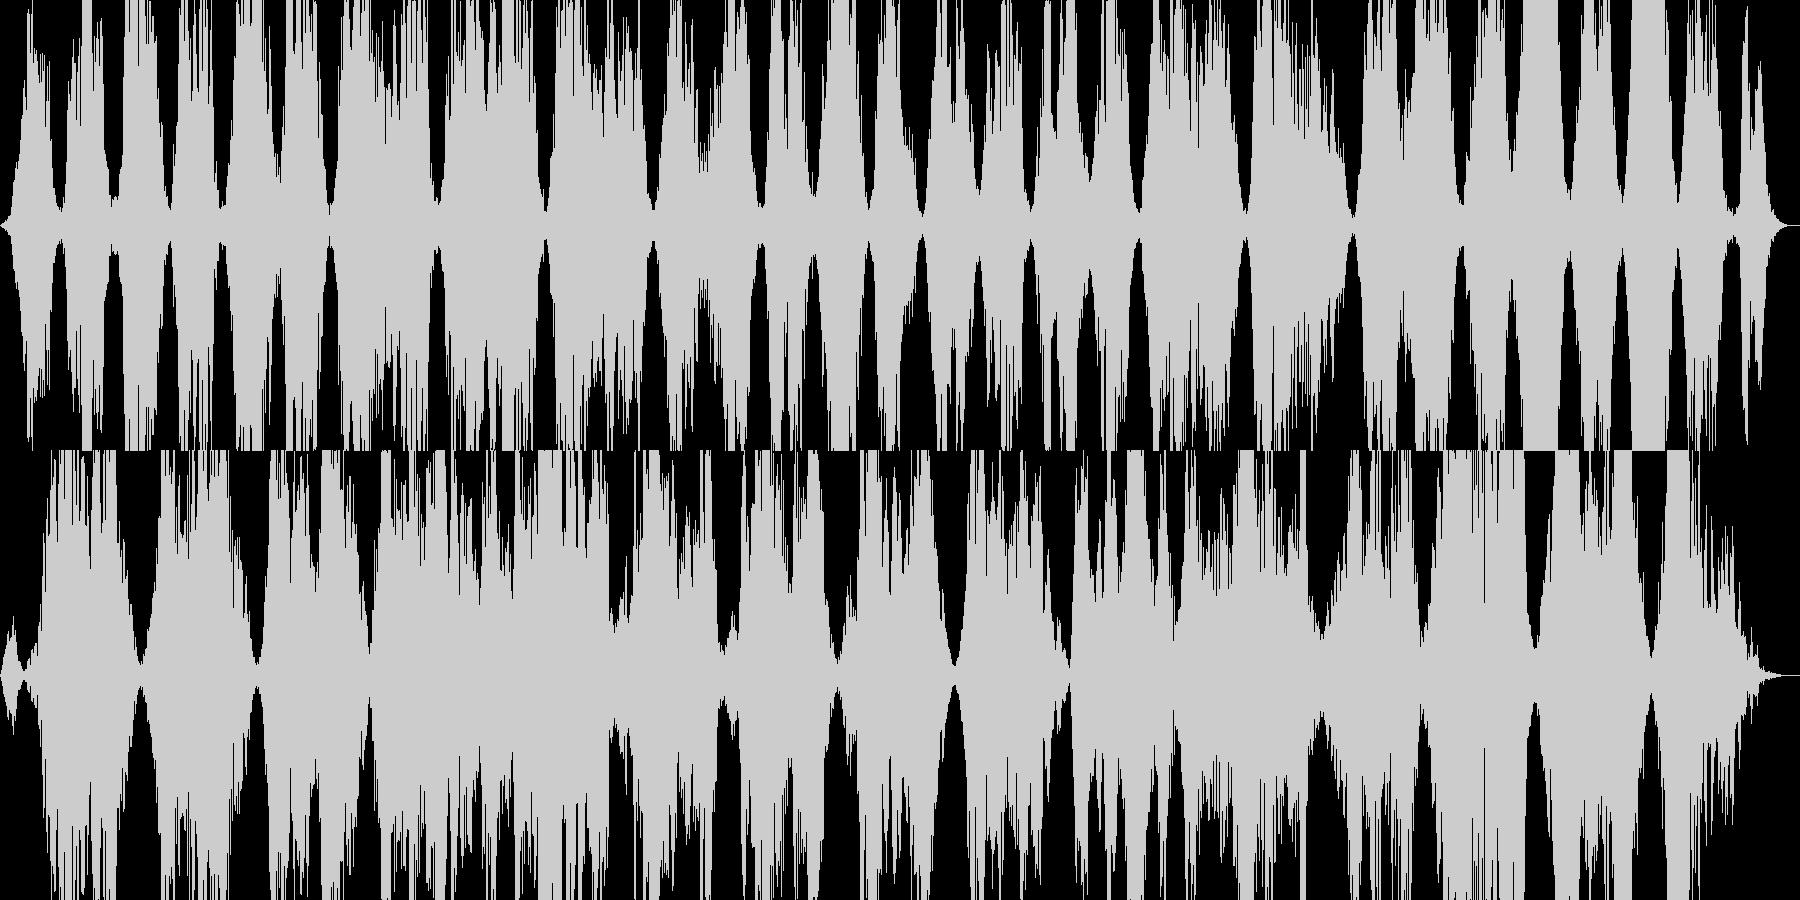 ホラー怪談や恐怖を連想させるBGMの未再生の波形